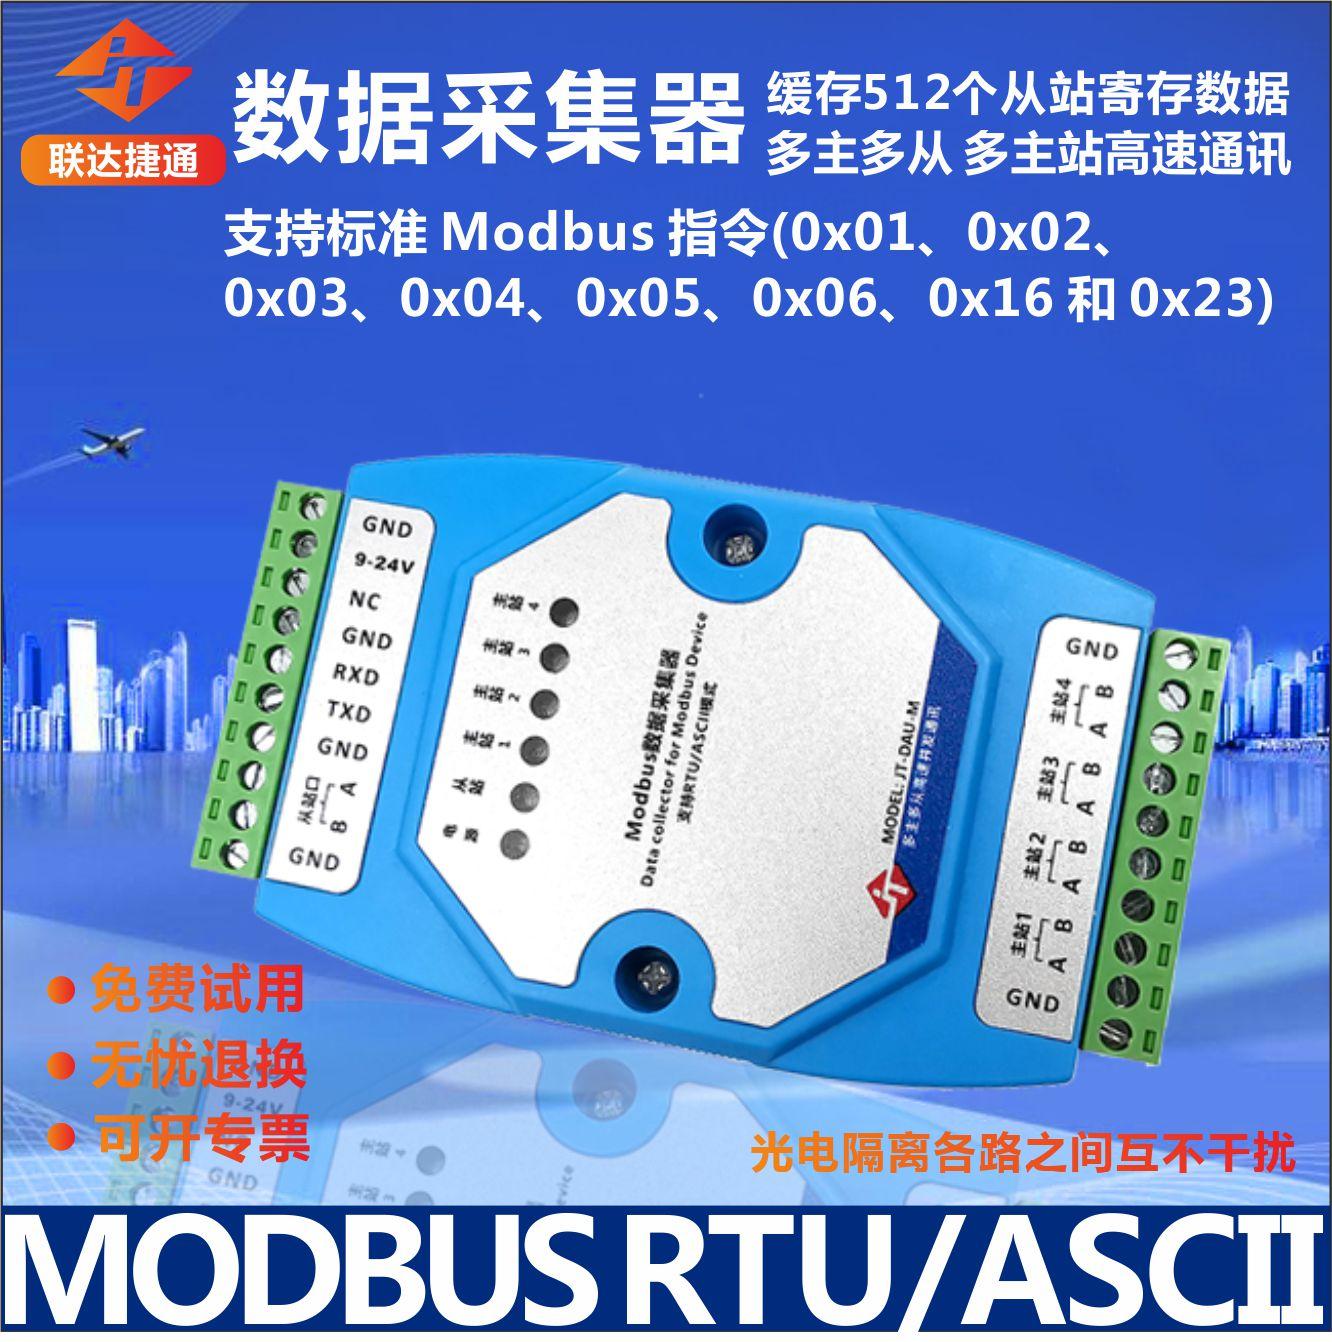 联达捷通 485集线器数据采集器 MODBUS并网 支持RTU/ASCII模式多主站多通道高速通讯 光电隔离 多主多从